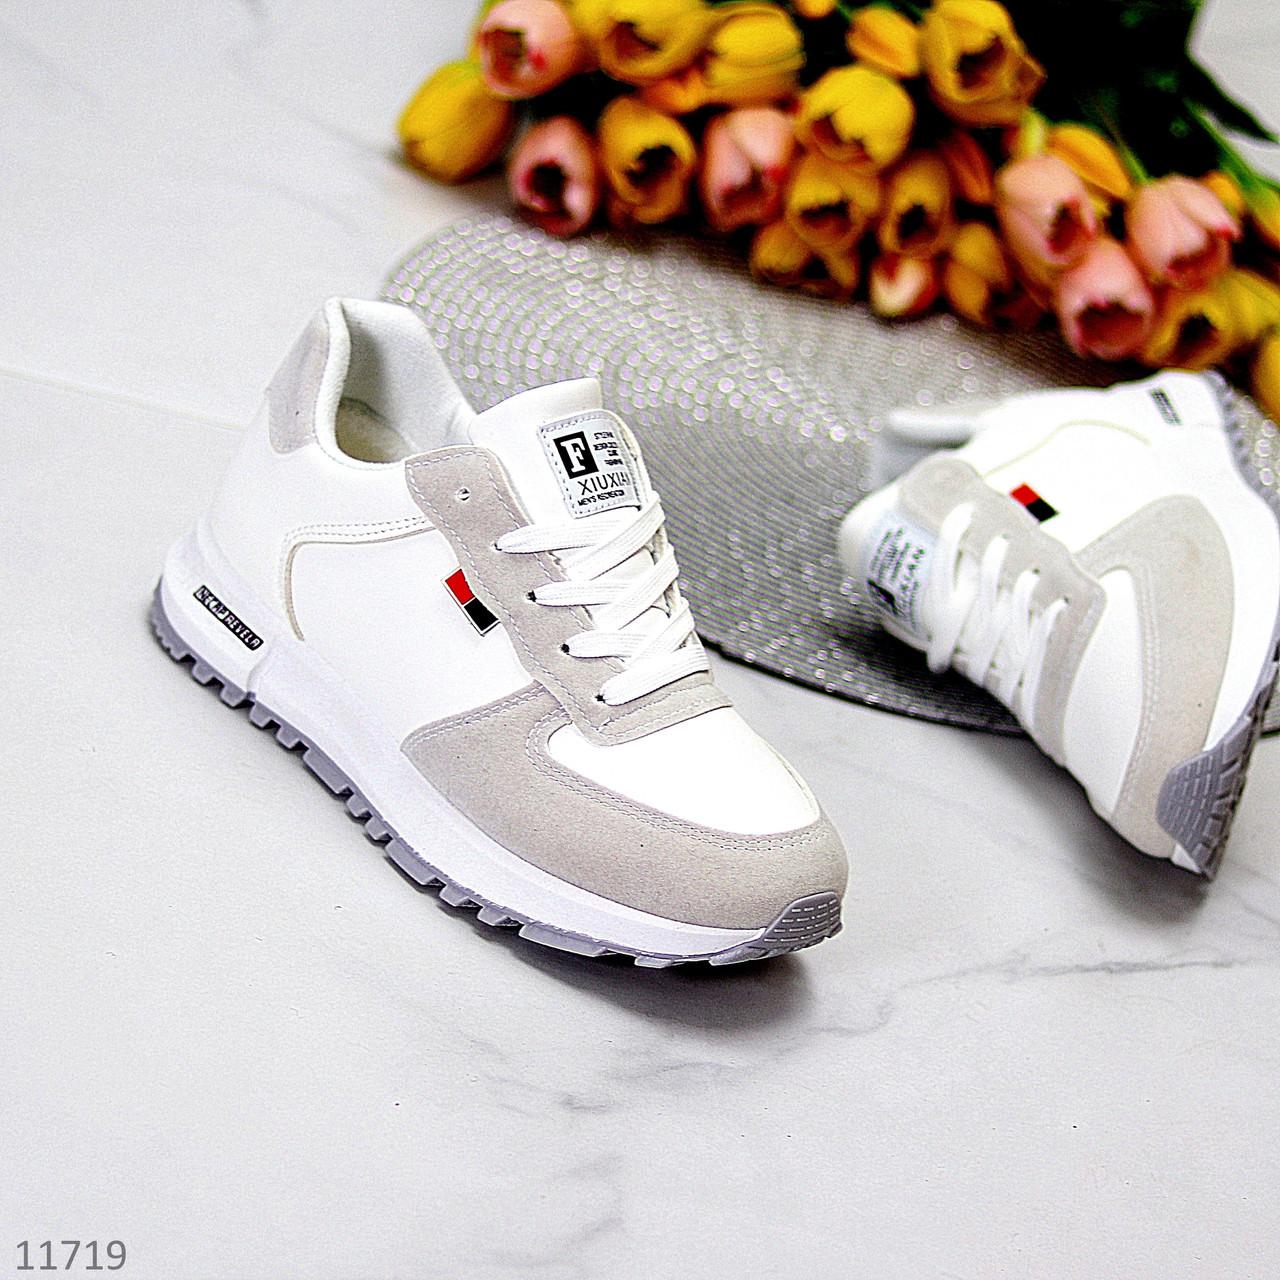 Білі замшеві повсякденні зимові жіночі кросівки на хутрі шнурівка